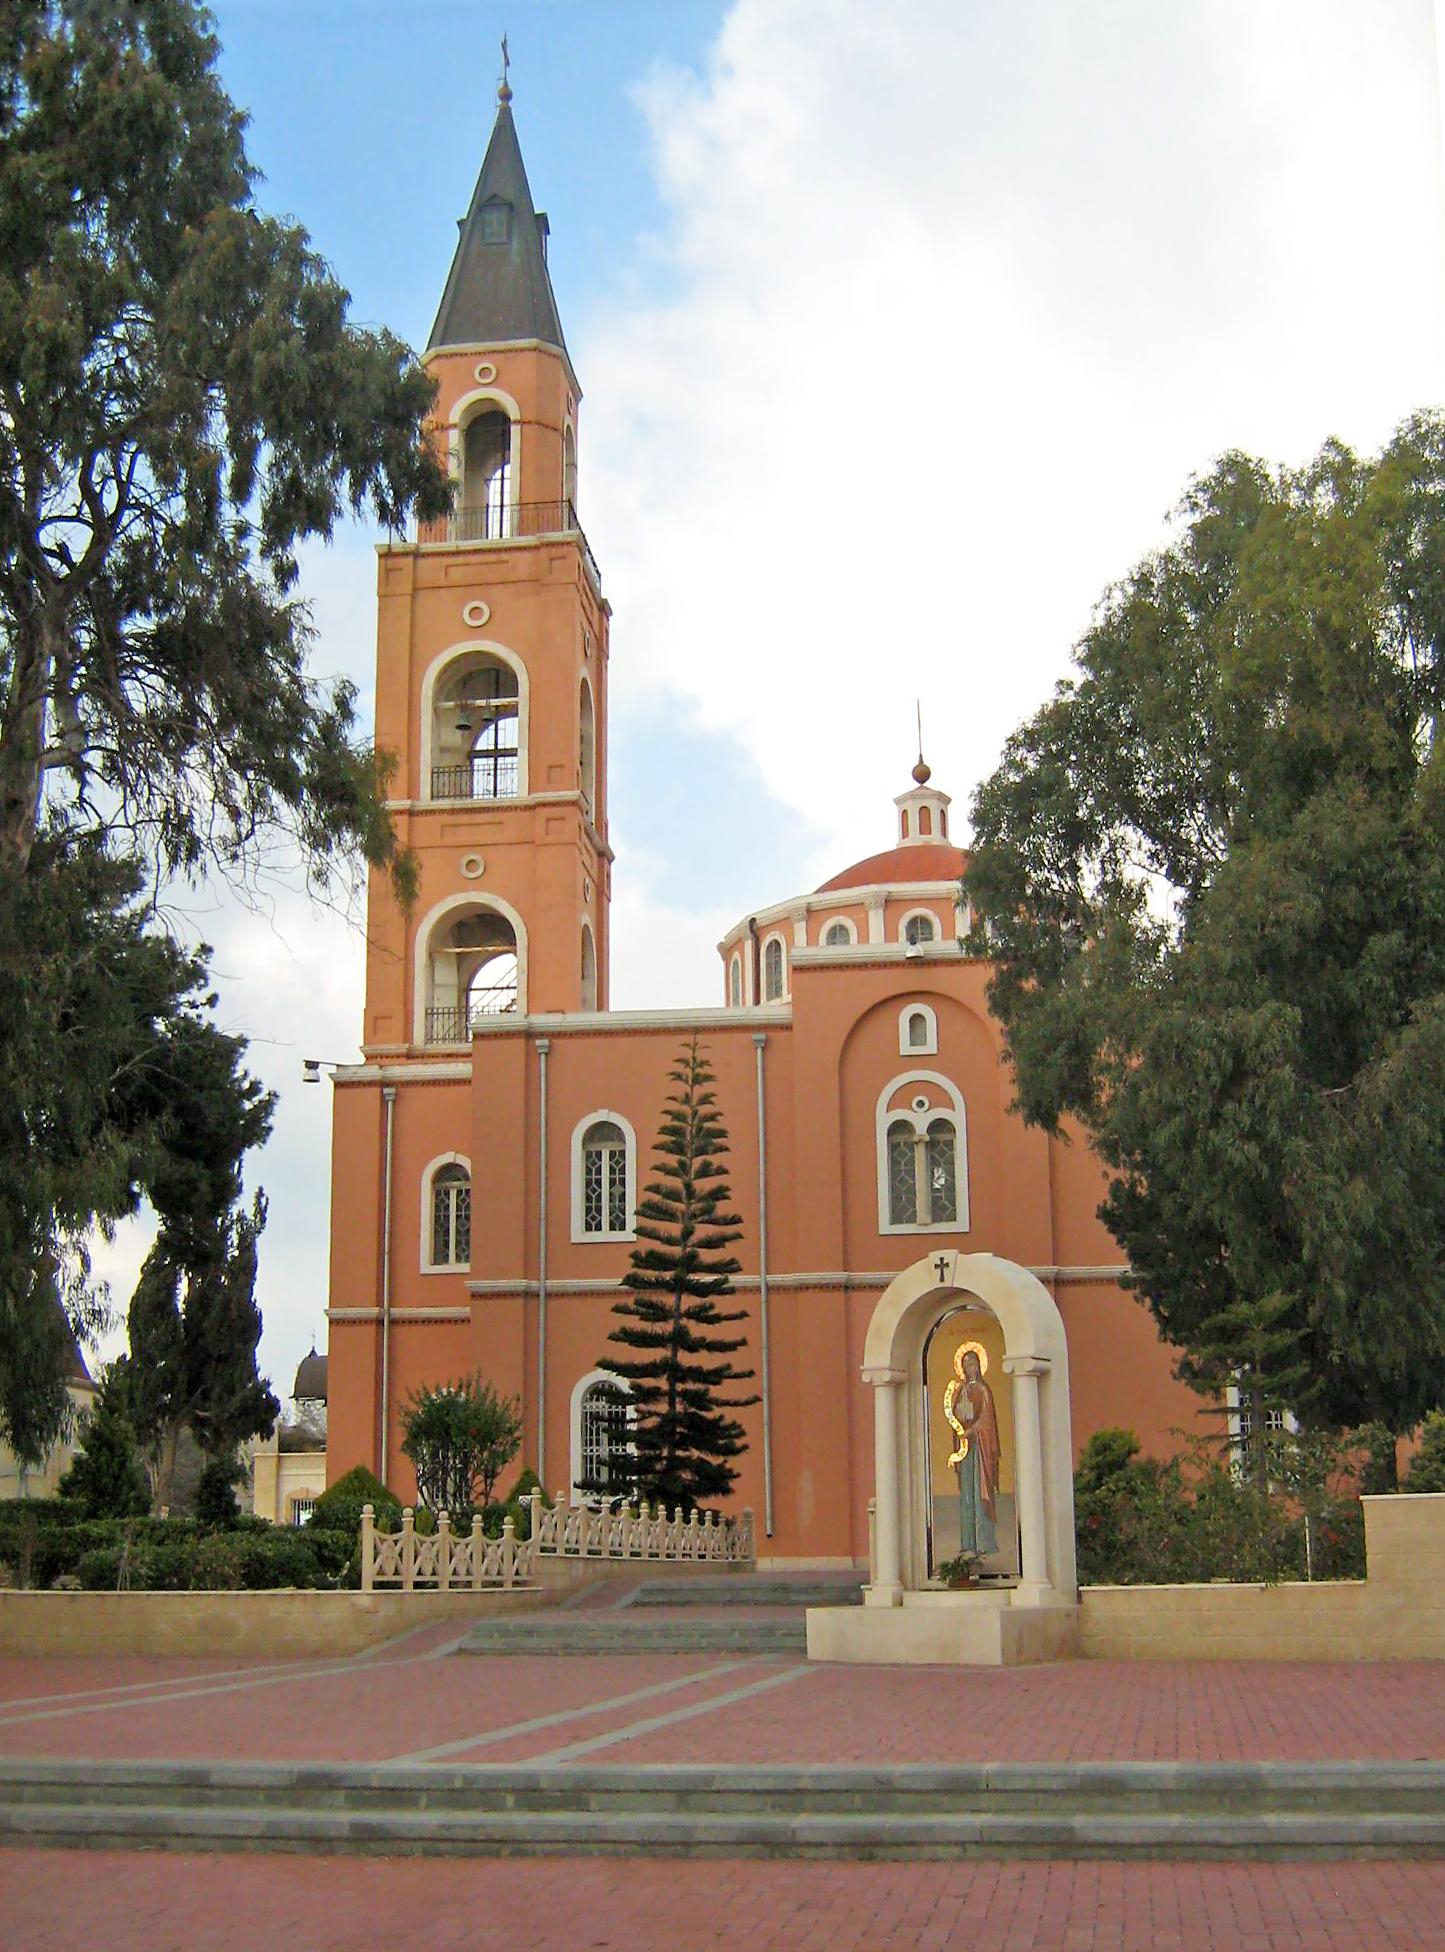 כנסיית פטרוס הקדוש (אבו כביר)